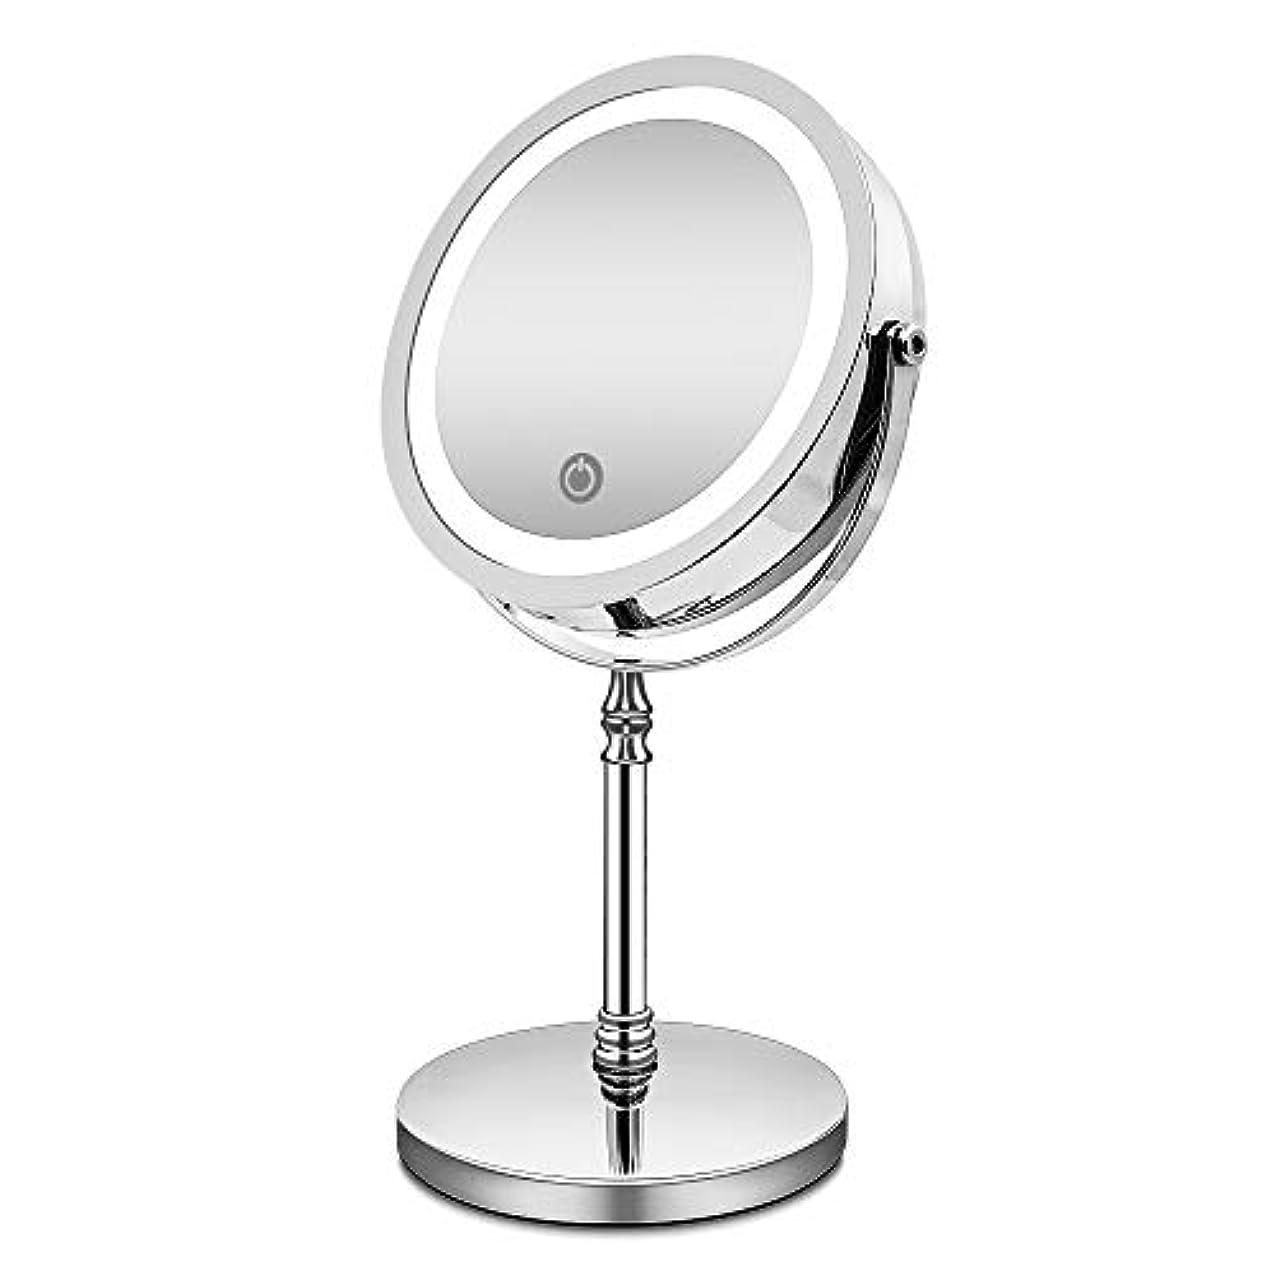 間に合わせ芸術意気込みAMZTOLIFE 化粧鏡 10倍 拡大鏡 付き led ミラー LED 両面 鏡 卓上 スタンドミラー メイク 3 WAY給電 曇らないミラー 360度回転 北欧風 電池&USB 日本語取扱説明書付き (改良版)